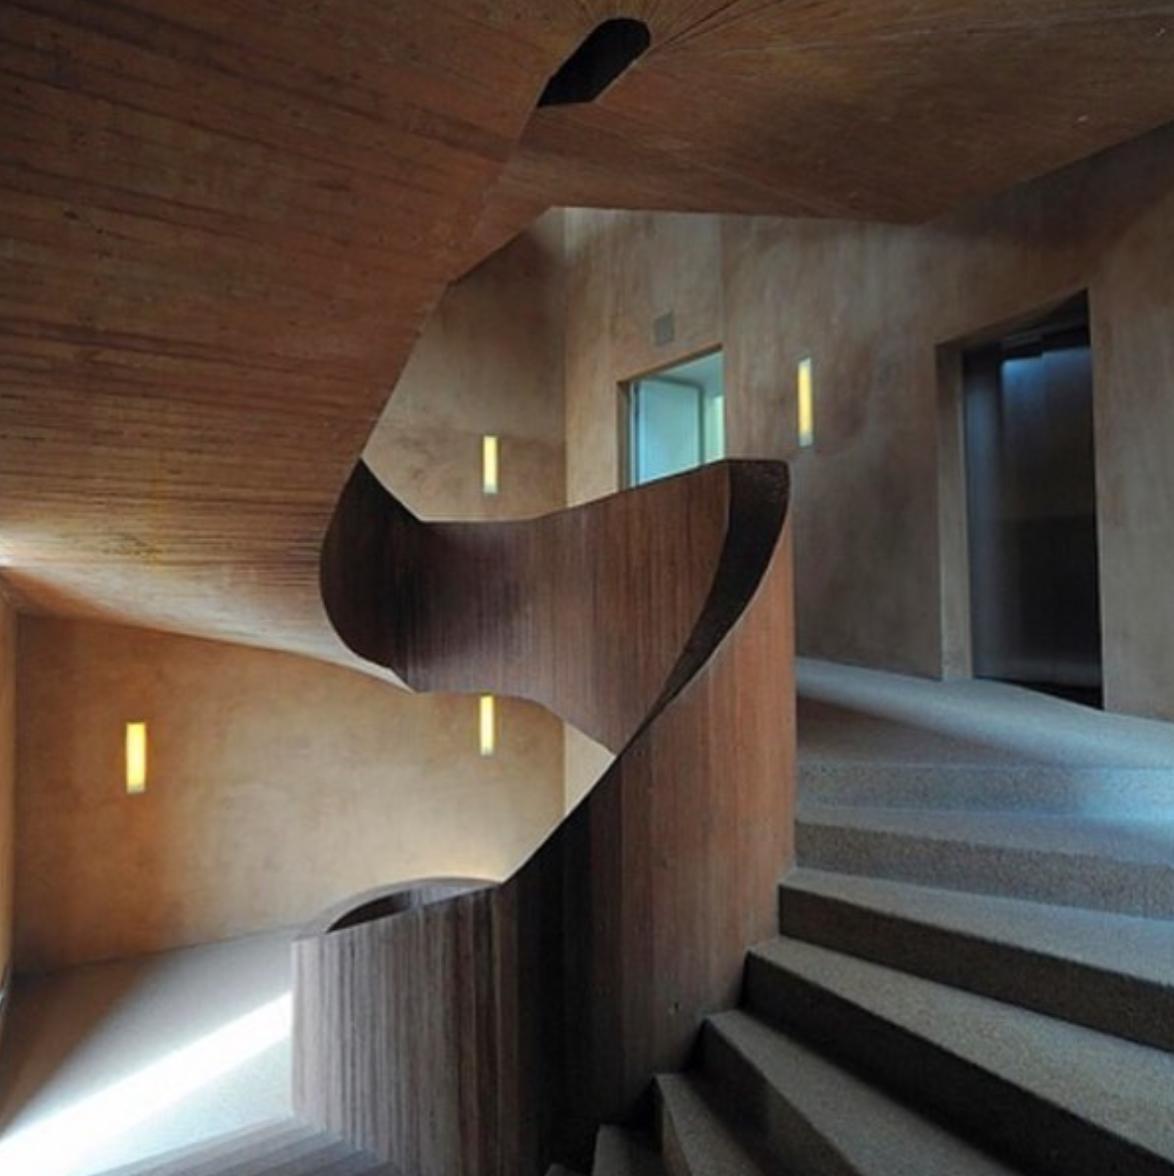 MKM Museum Küppersmühle für Moderne Kunst   Treppenhaus   Pinterest